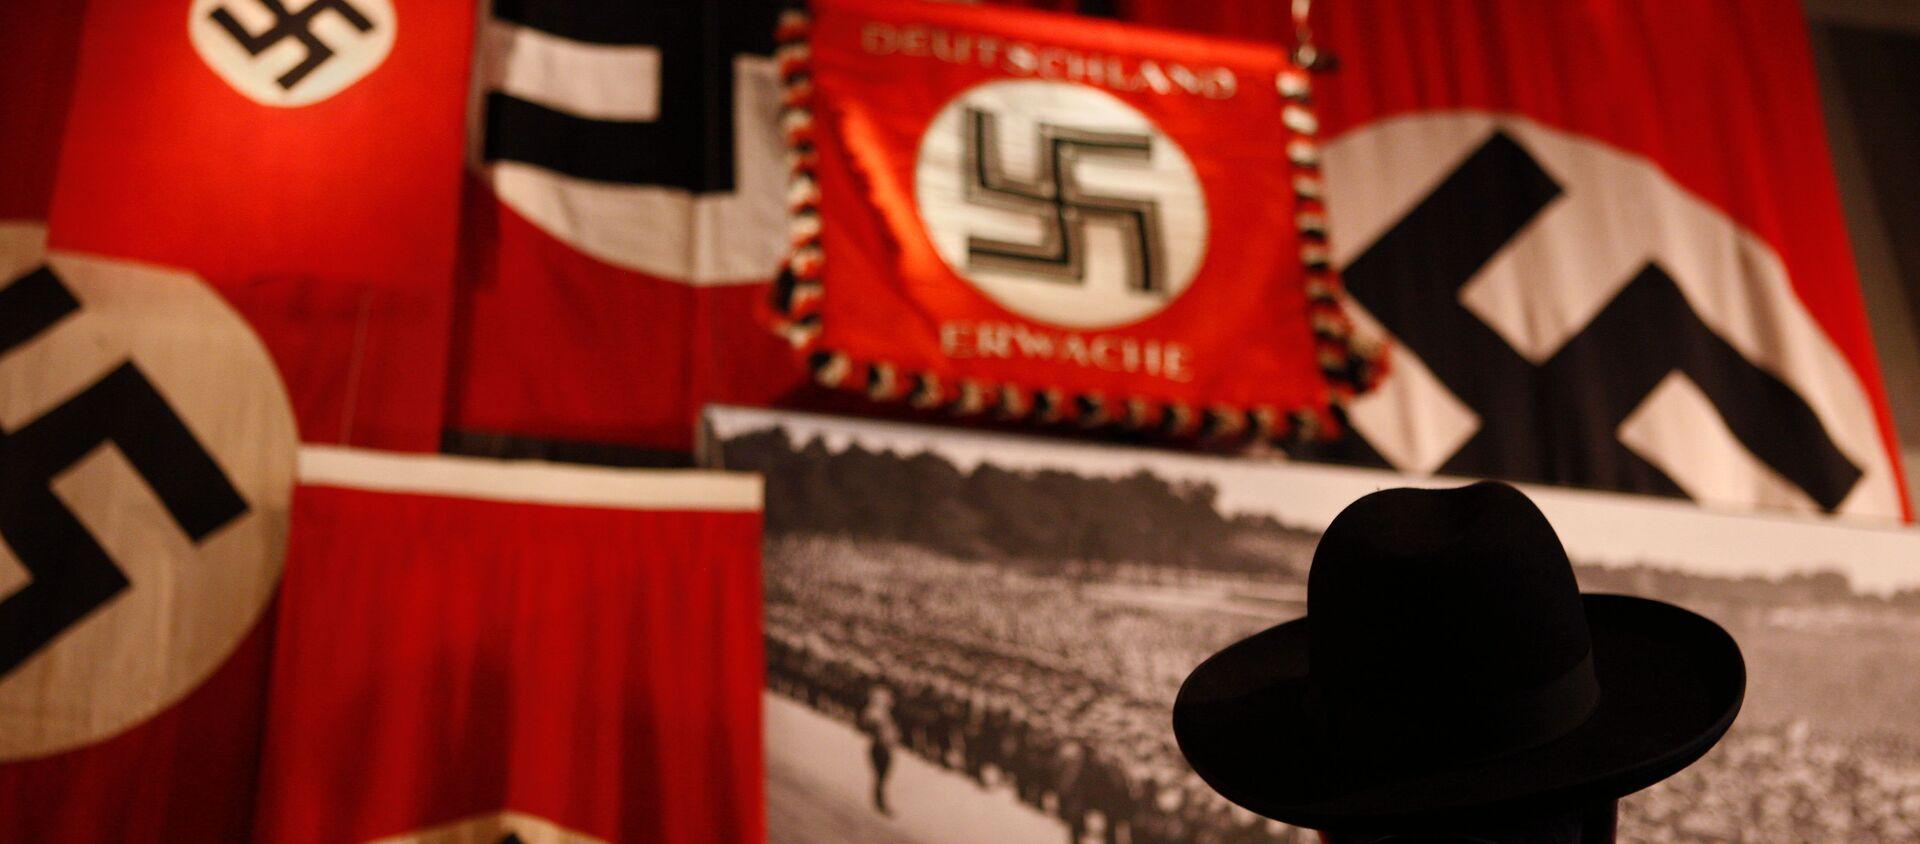 Нацистичке заставе - Sputnik Србија, 1920, 06.05.2017